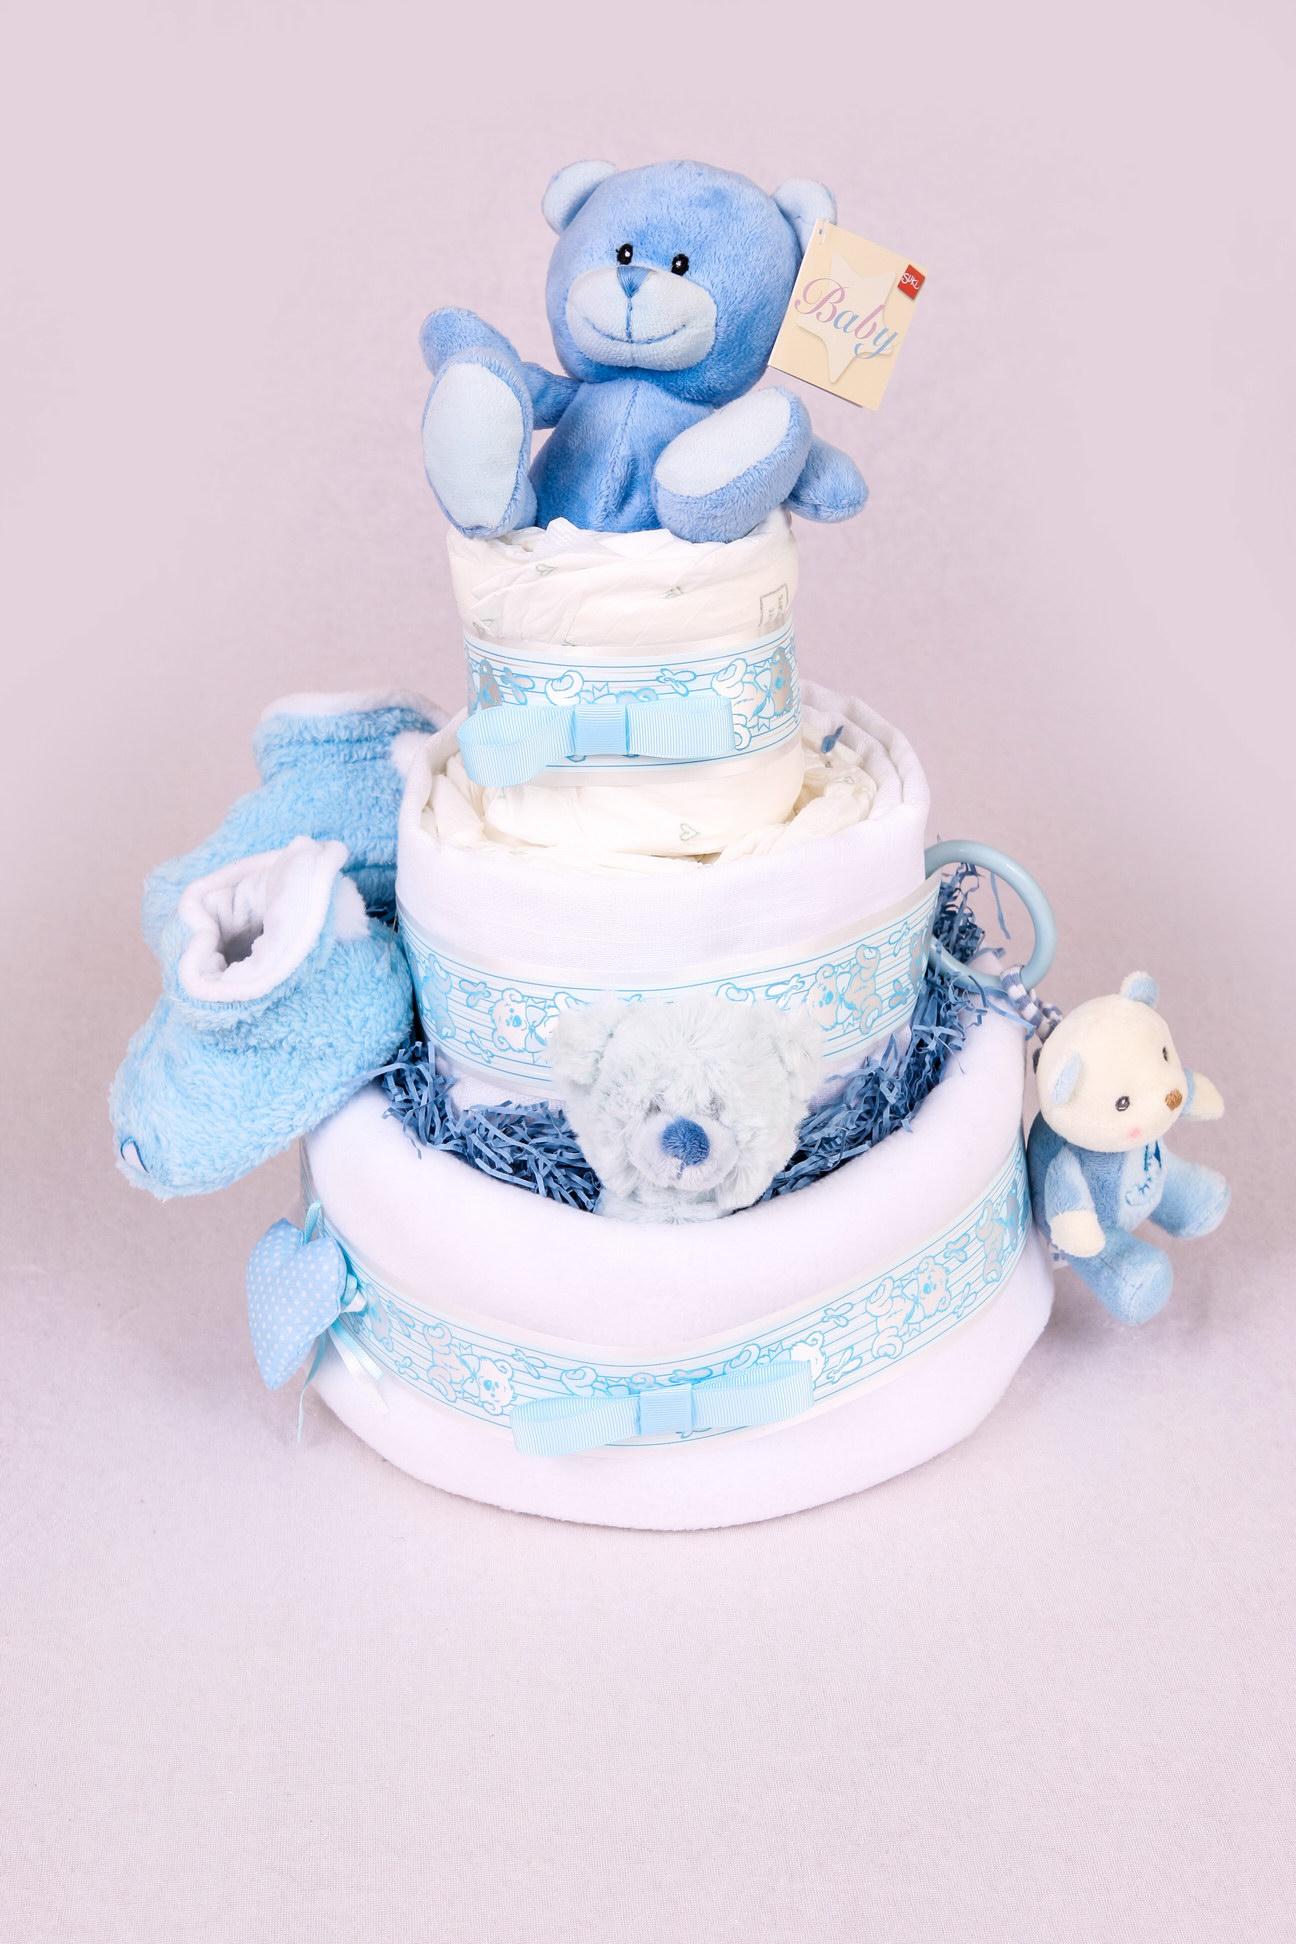 SUKI BLUE BEAR NAPPY CAKE